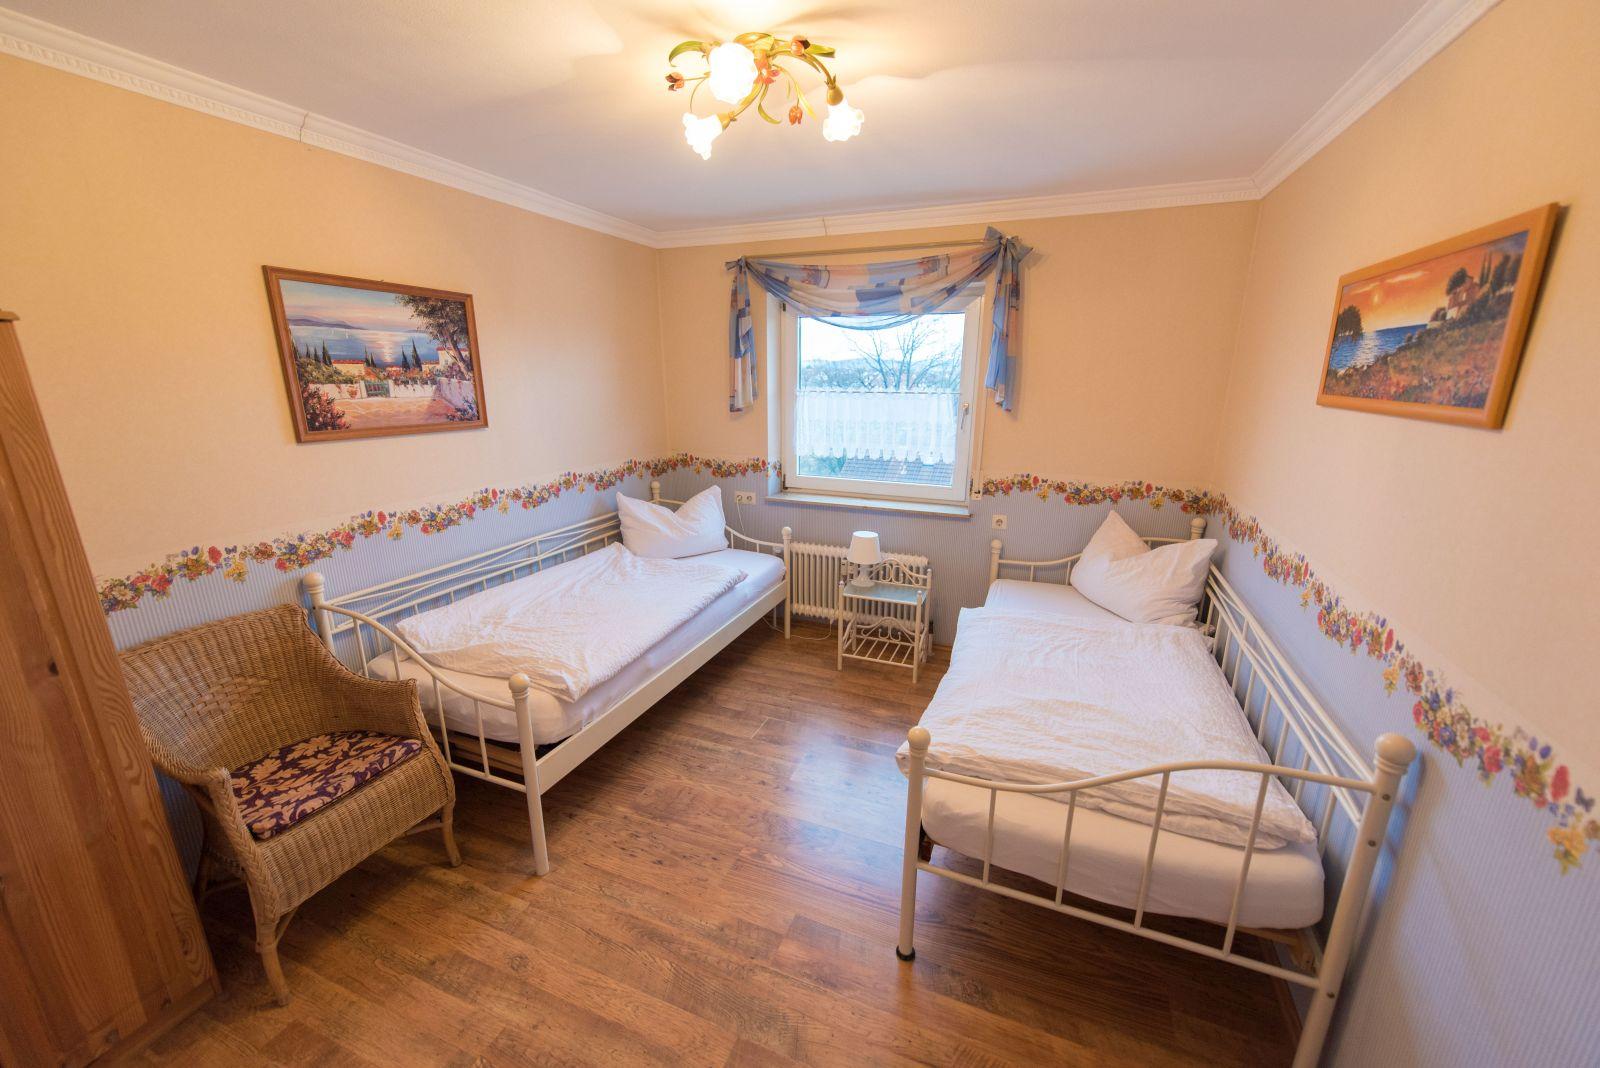 Ferienwohnung Dannhauer in Hohenacker - Zweibettzimmer